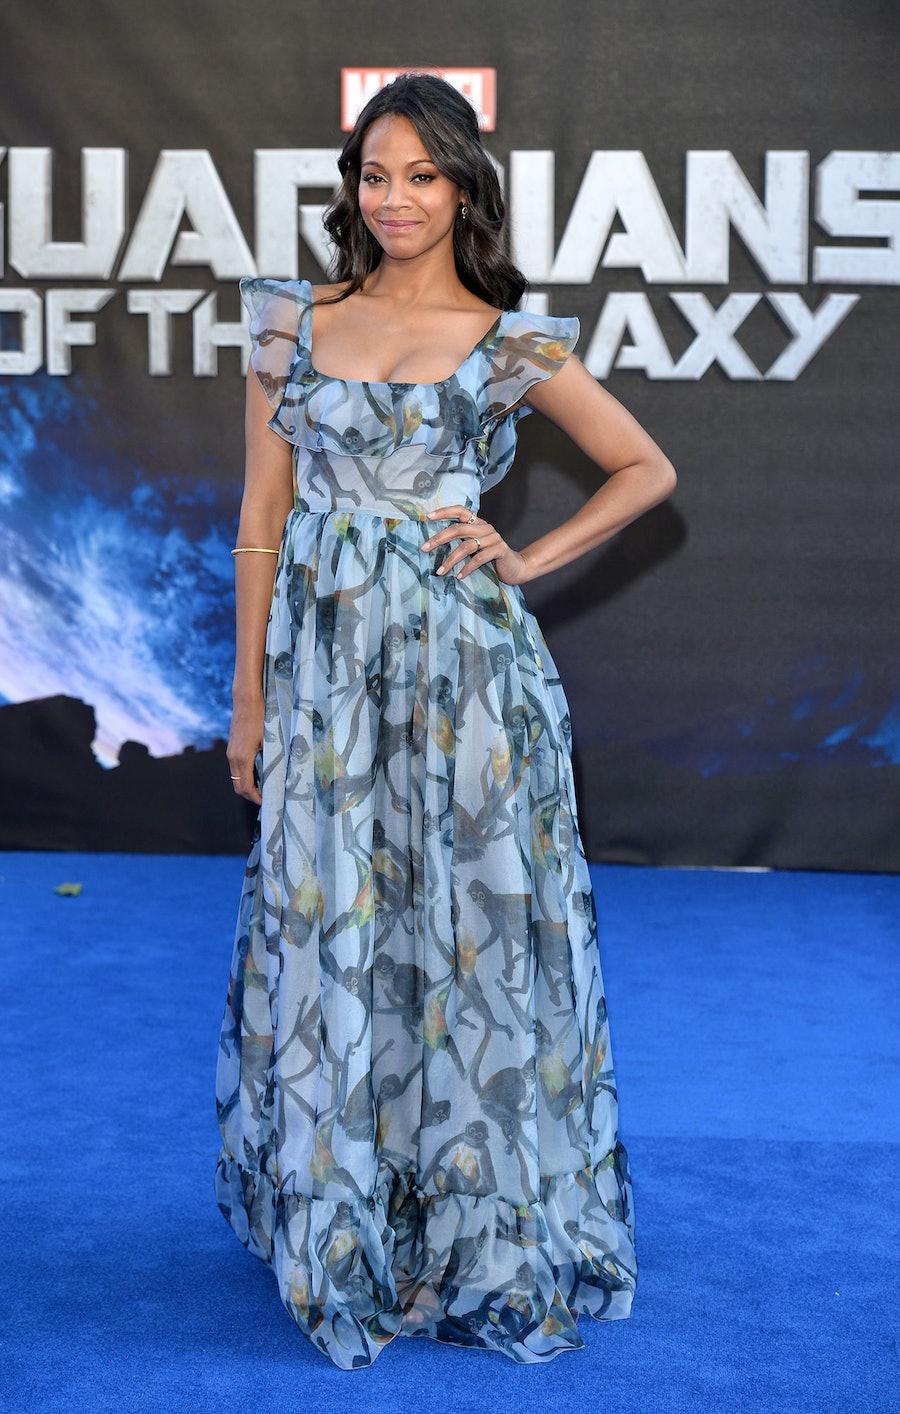 Zoe Saldana shows off her pregnancy in Valentino